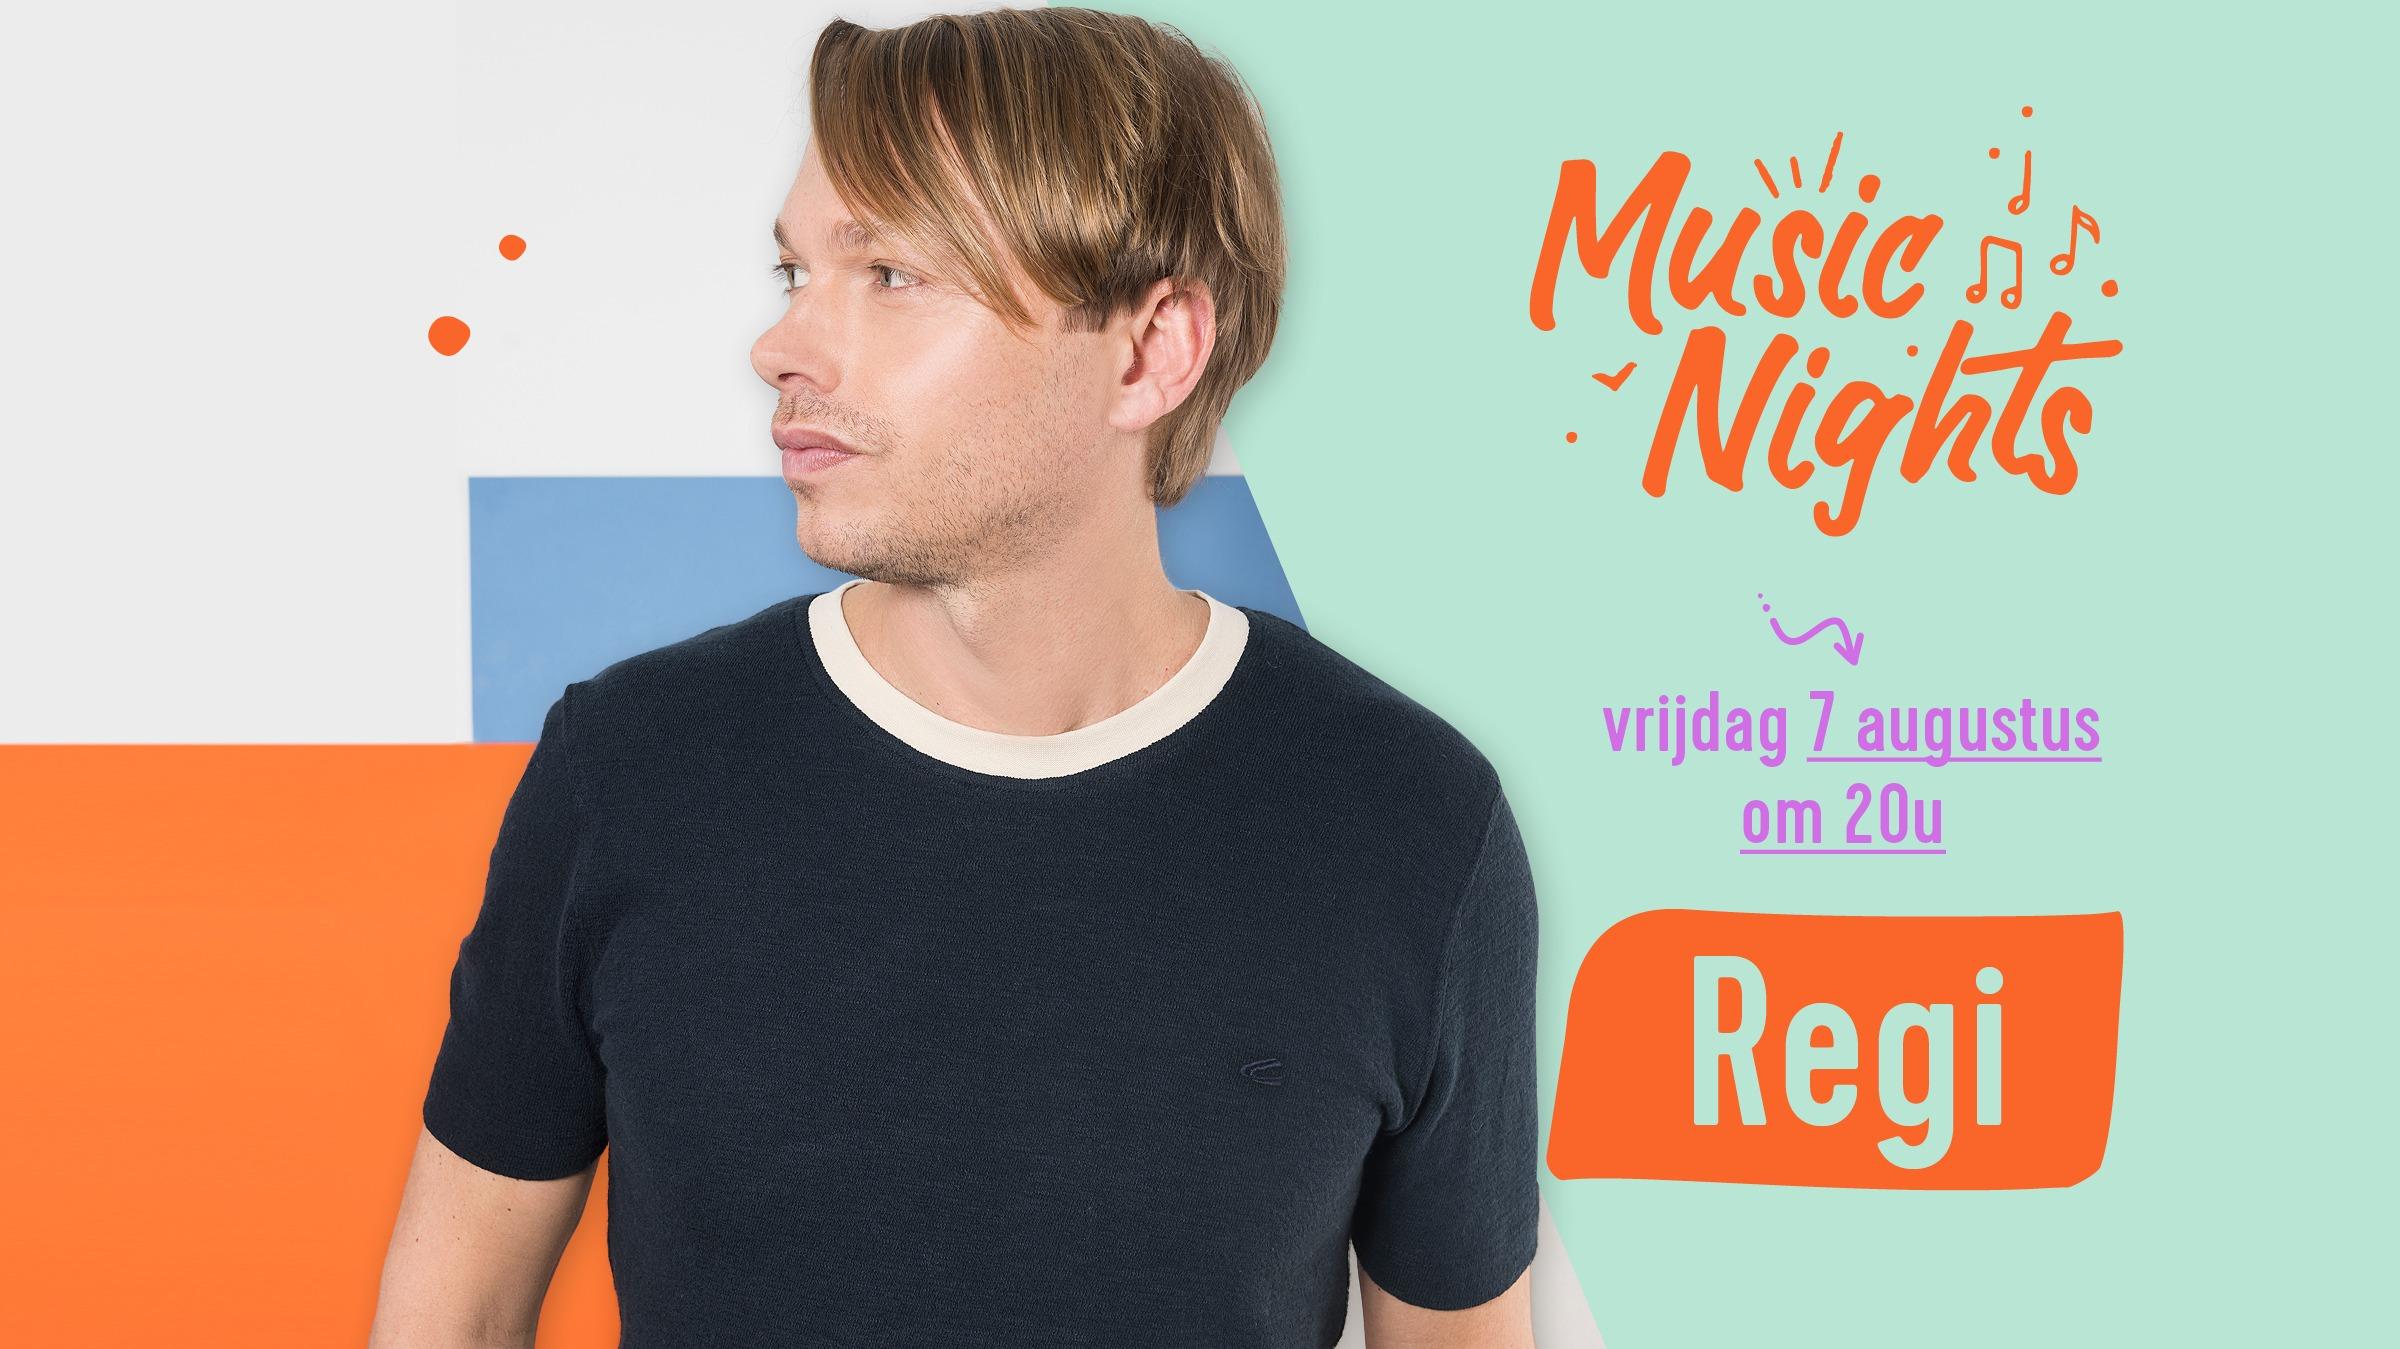 Regi music night home